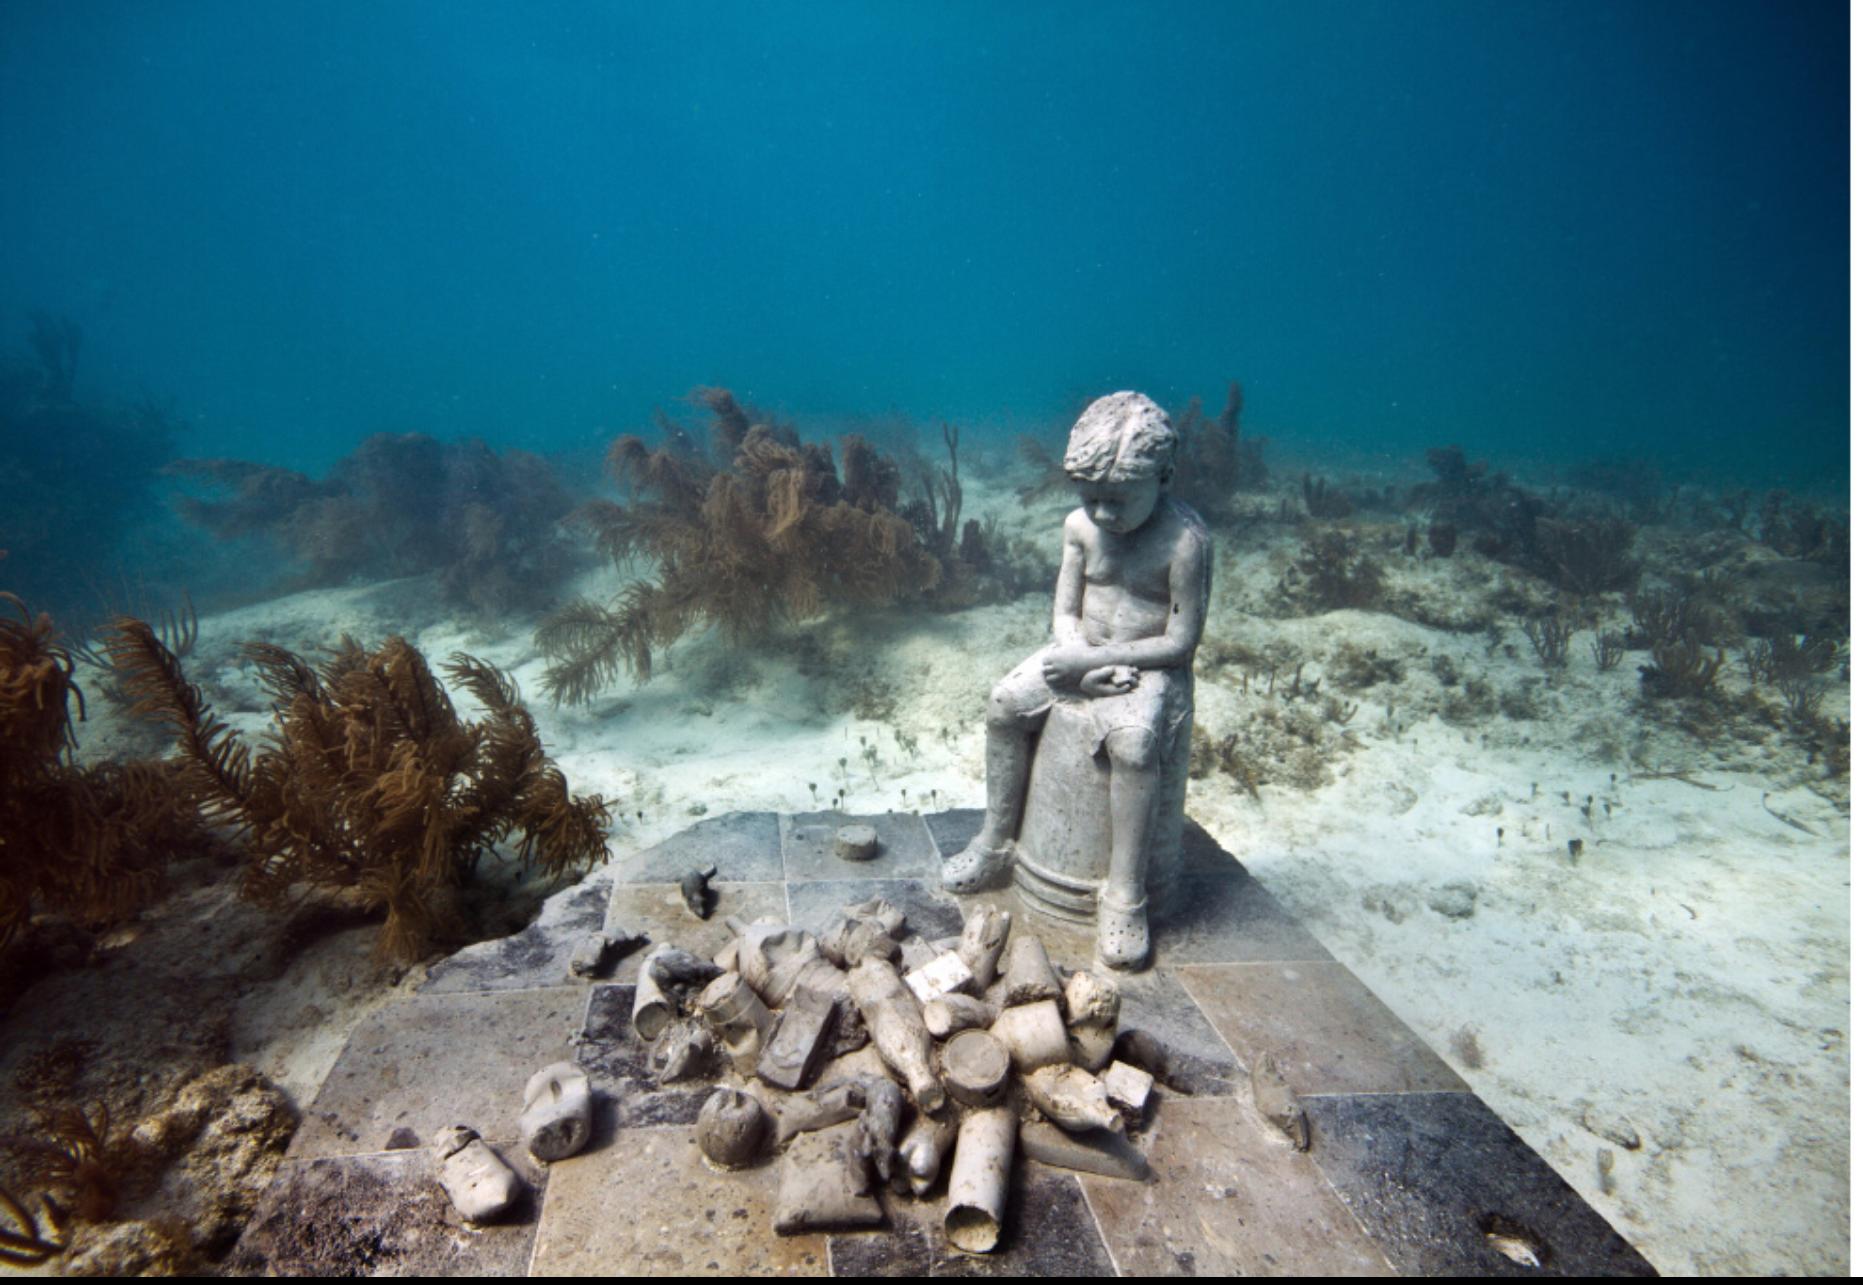 underwater sculpture boy sitting looking at trash on ground